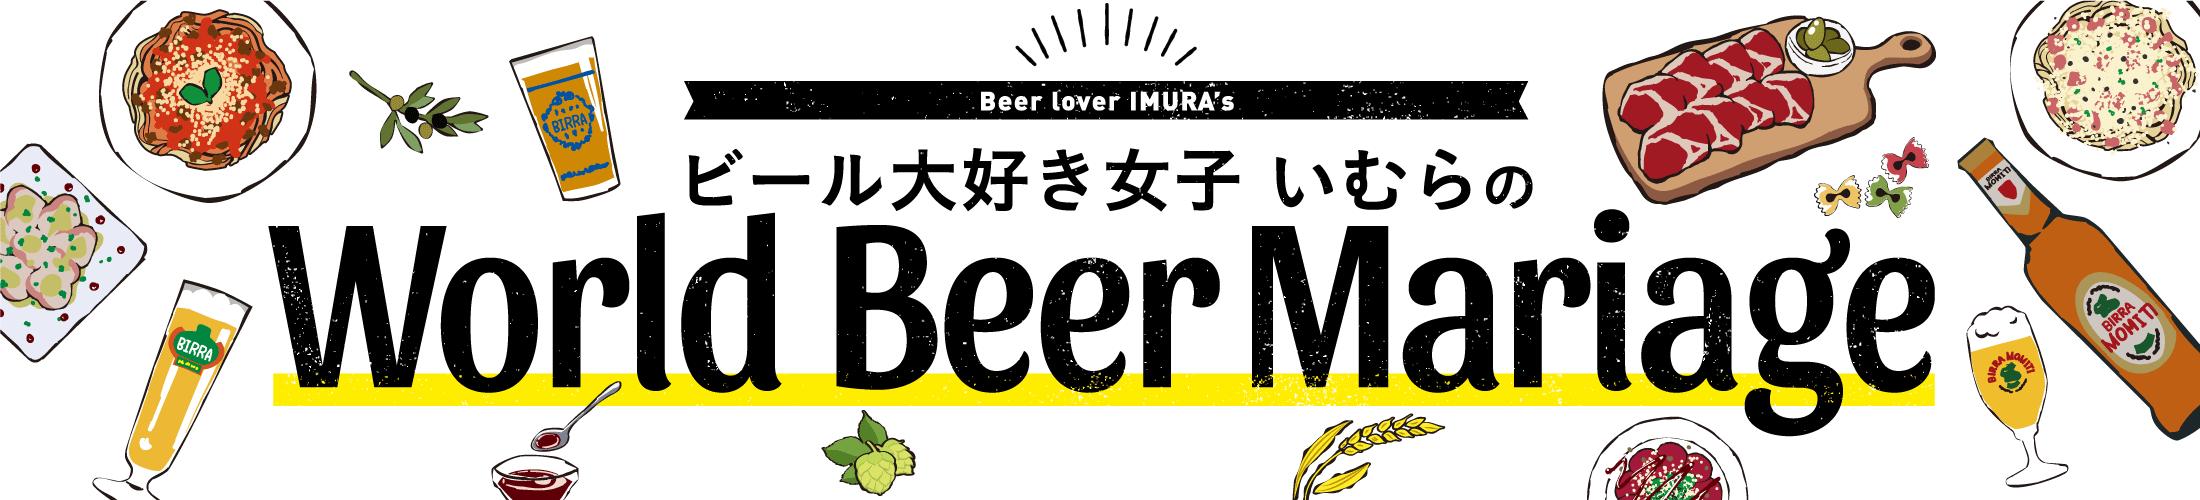 ビール大好き女子いむらのWorld Beer Mariage